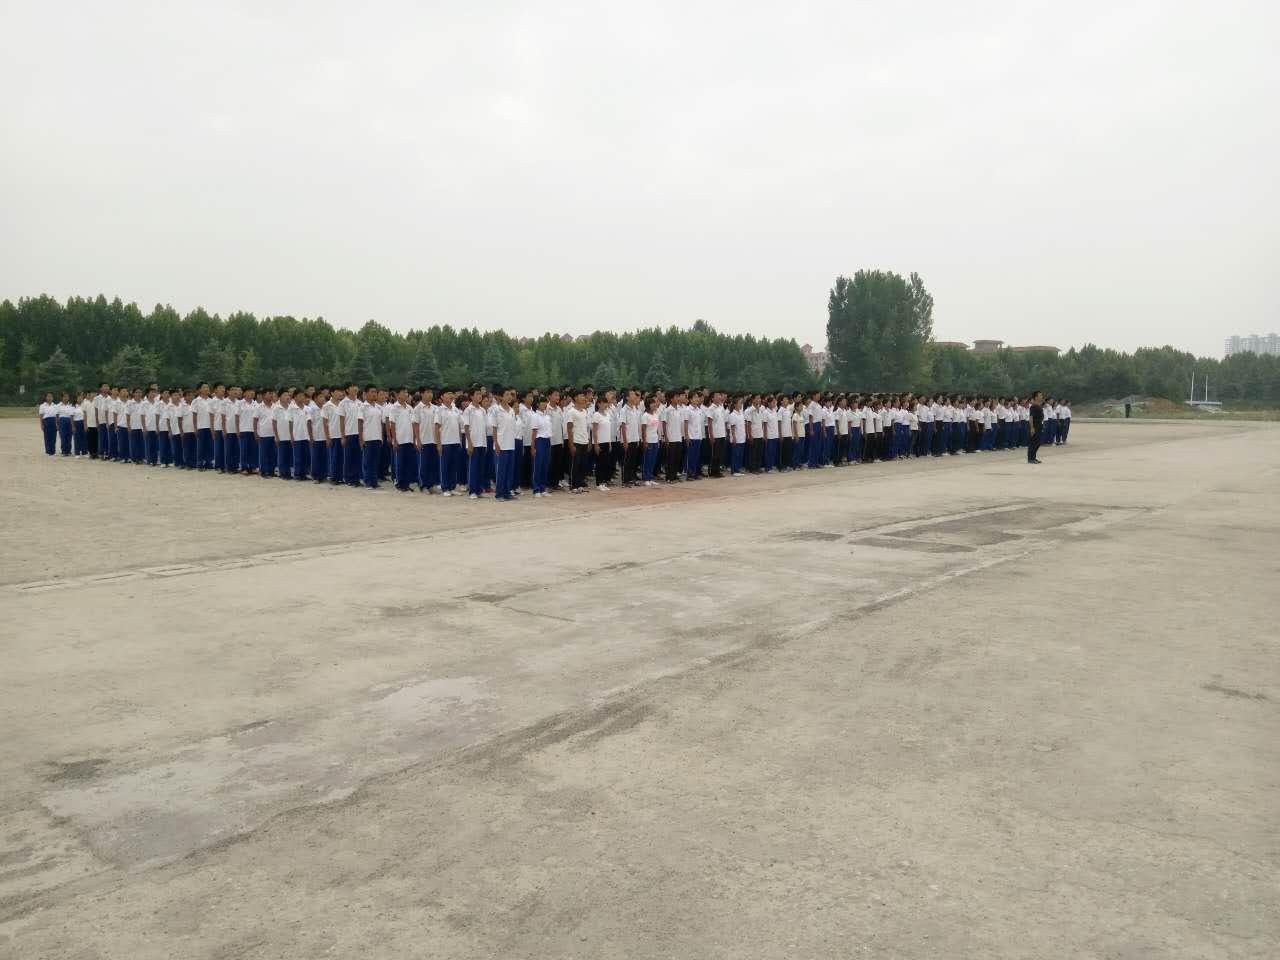 [社旗一高]學子們用嶄新的姿態去迎接新的一天.jpg